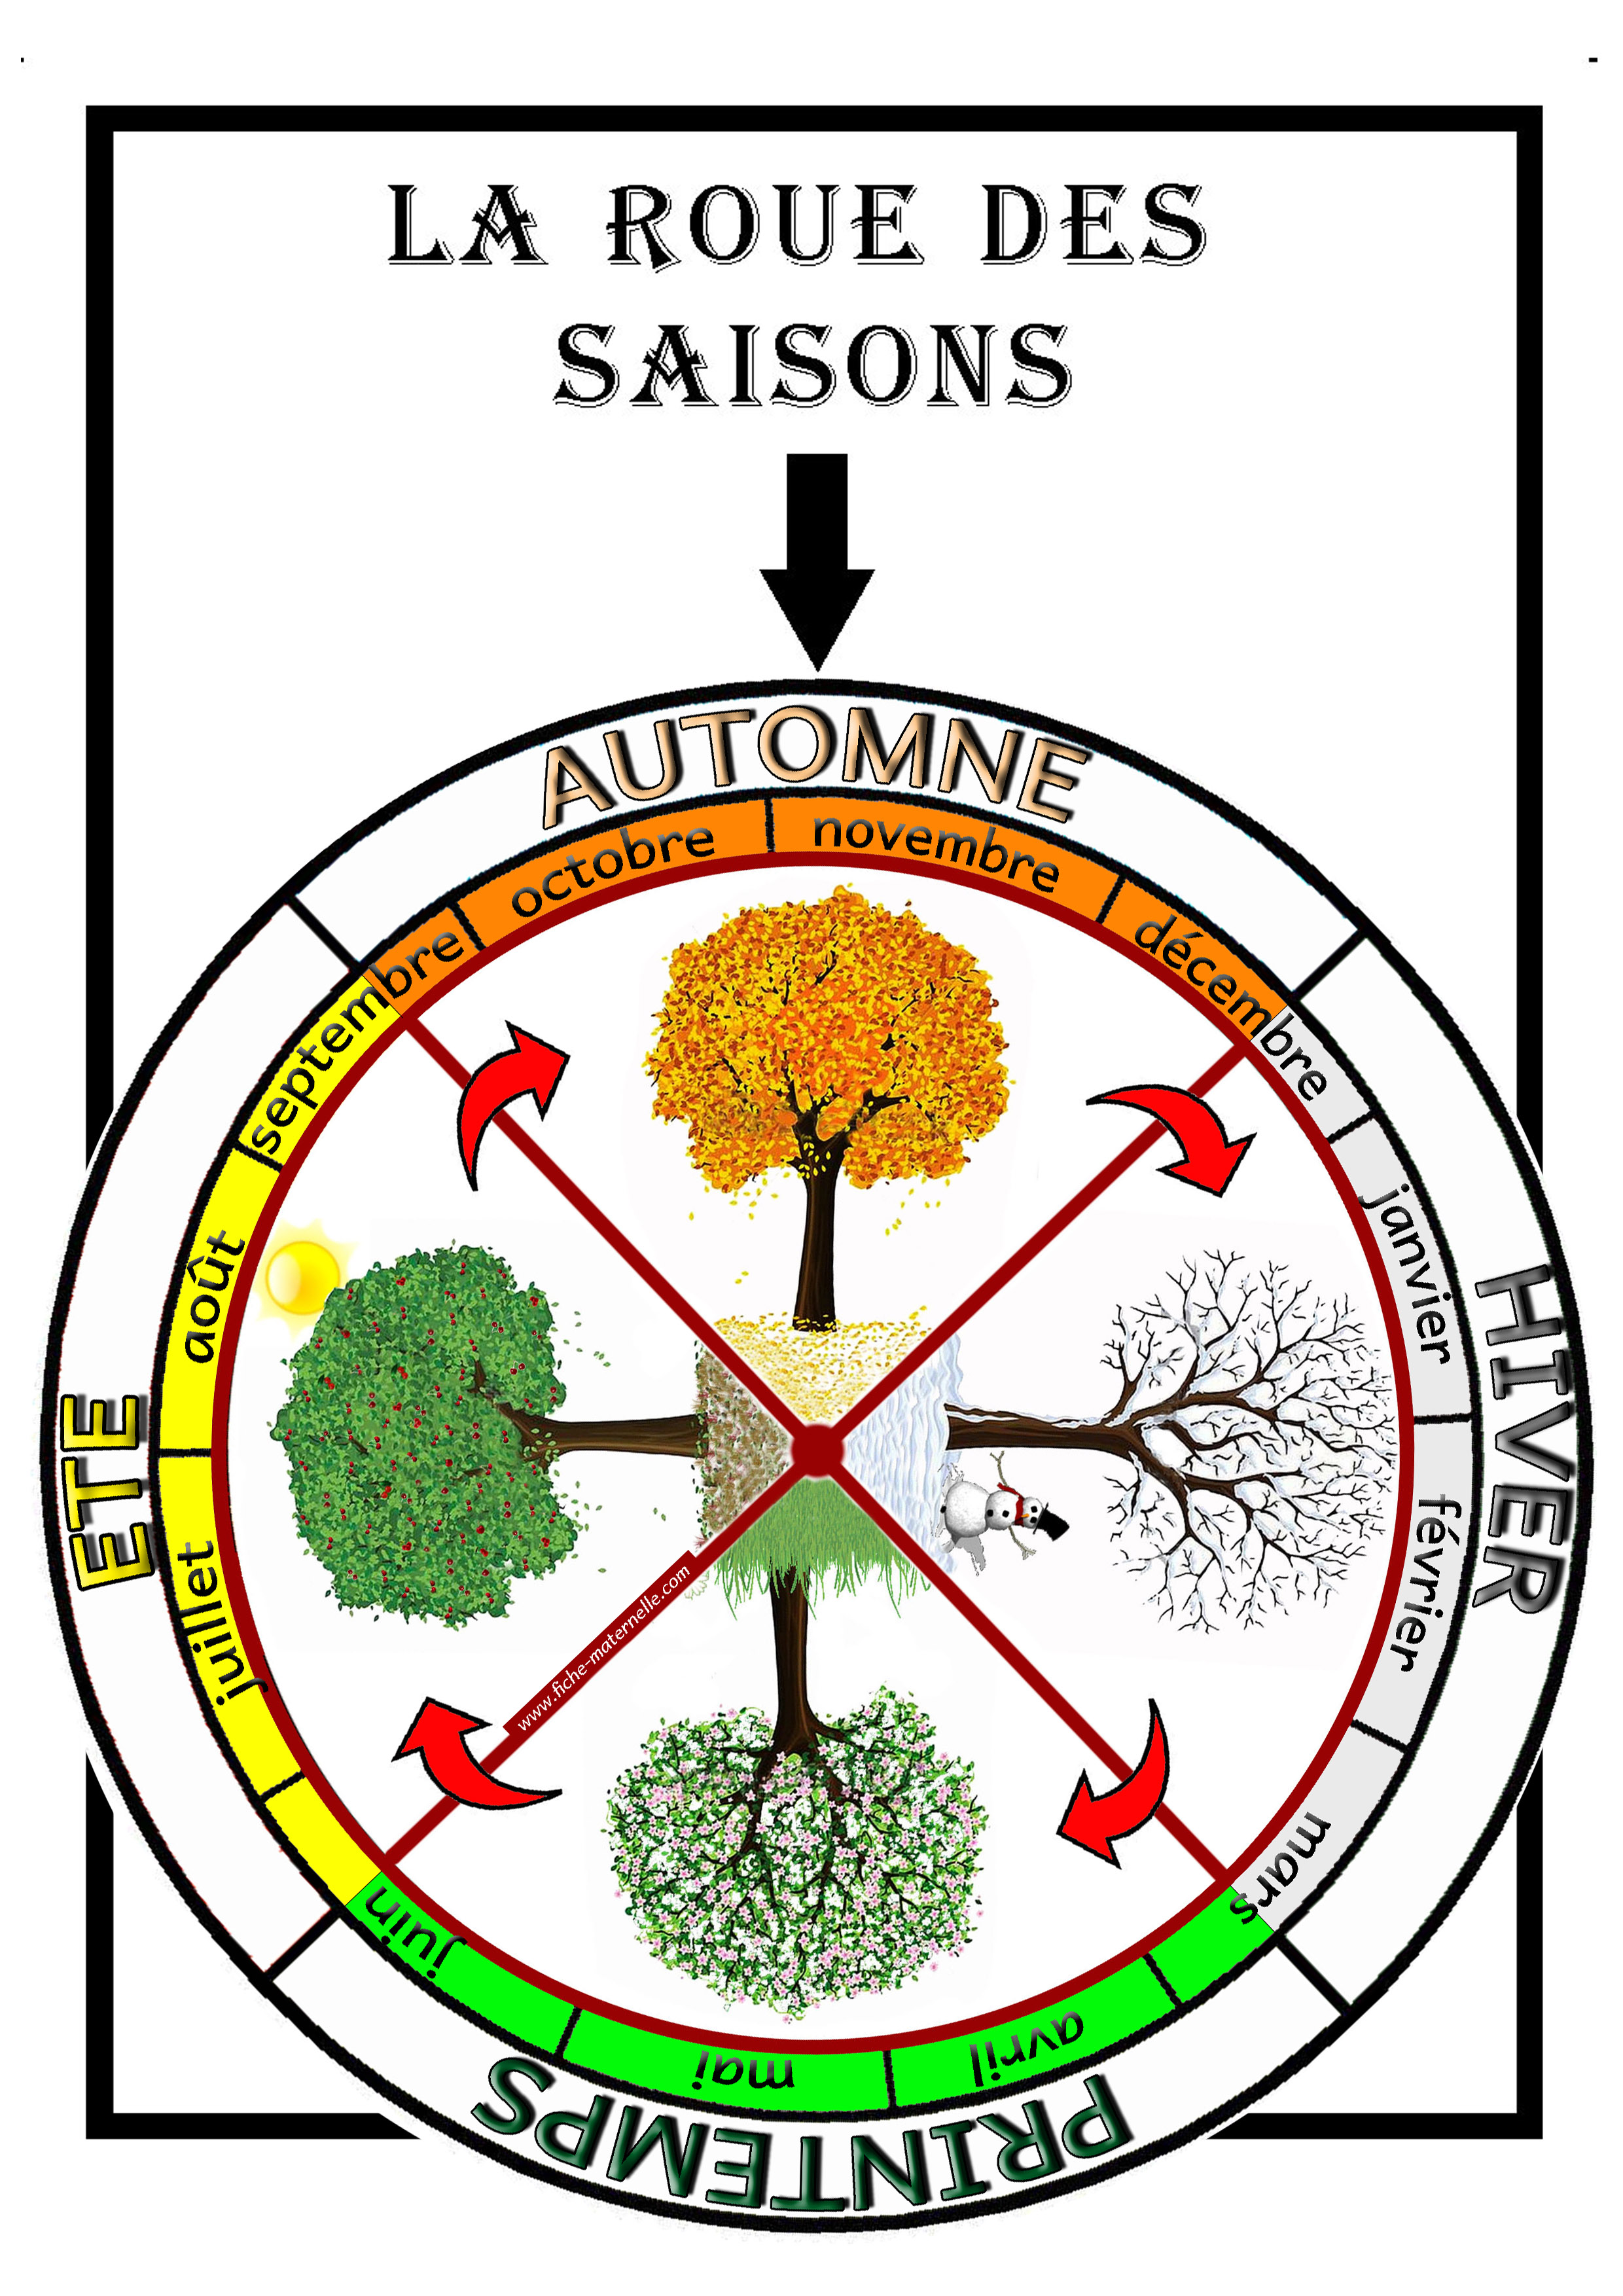 Affichage la roue des saisons constituer une roue avec les 4 saisons ainsi que leur r partion - Dessin 4 saisons ...